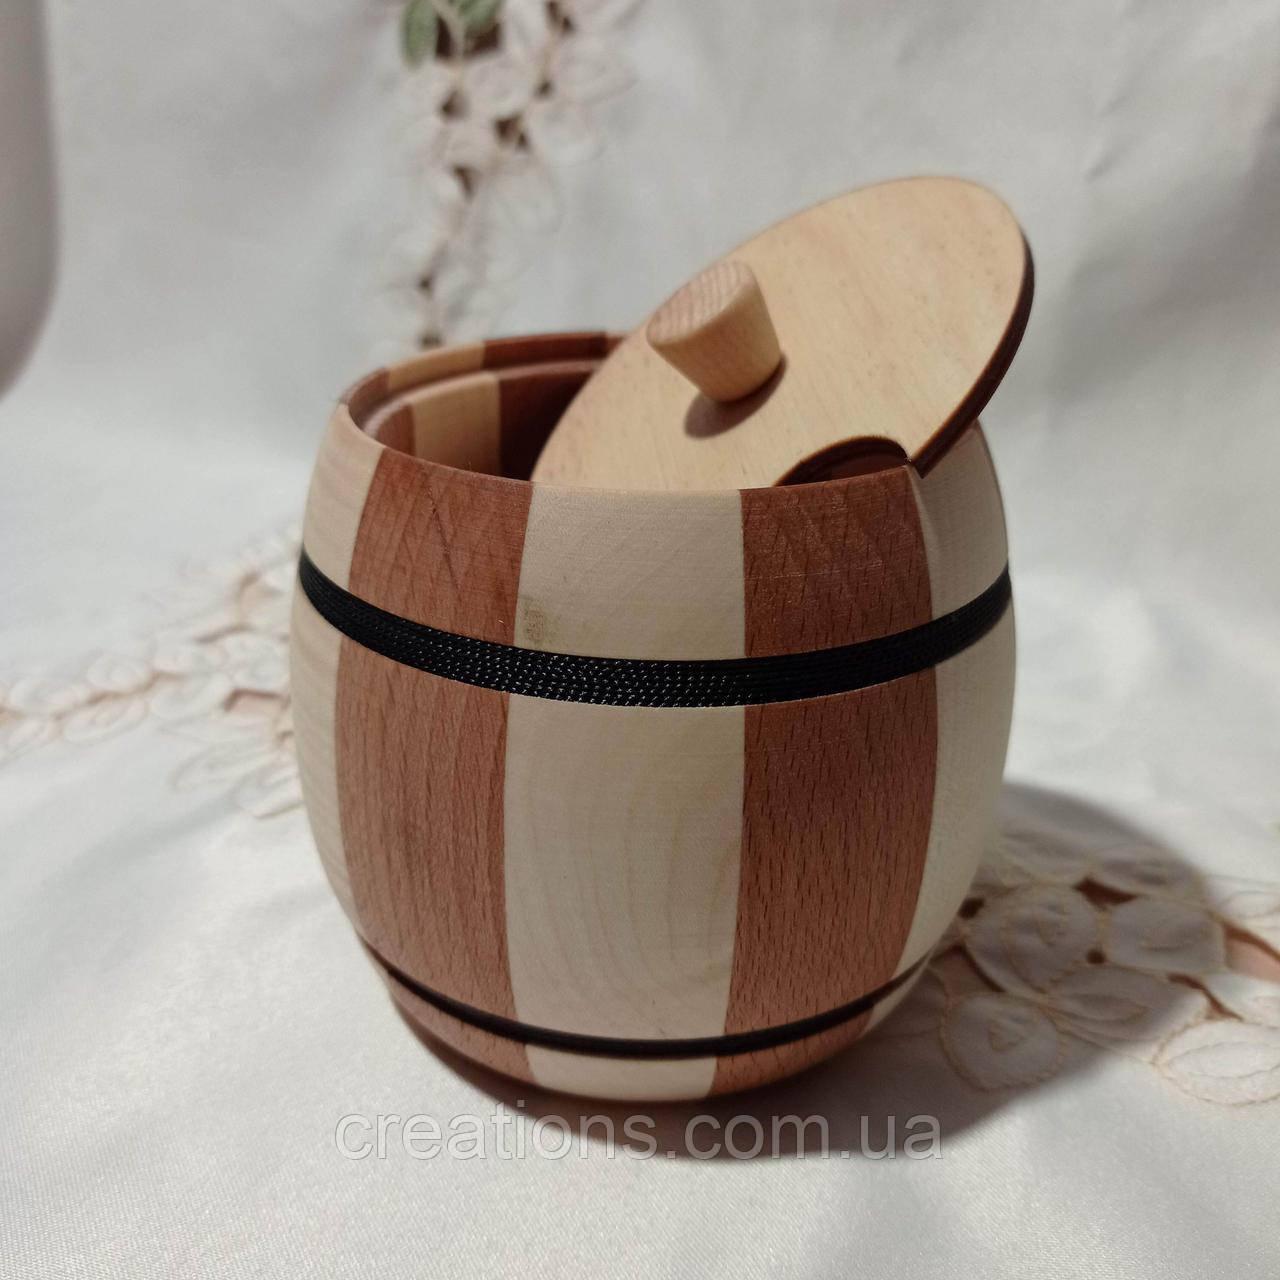 Дерев'яний бочонок для меду, цукру, солі, спецій 11х11 см. Б-1